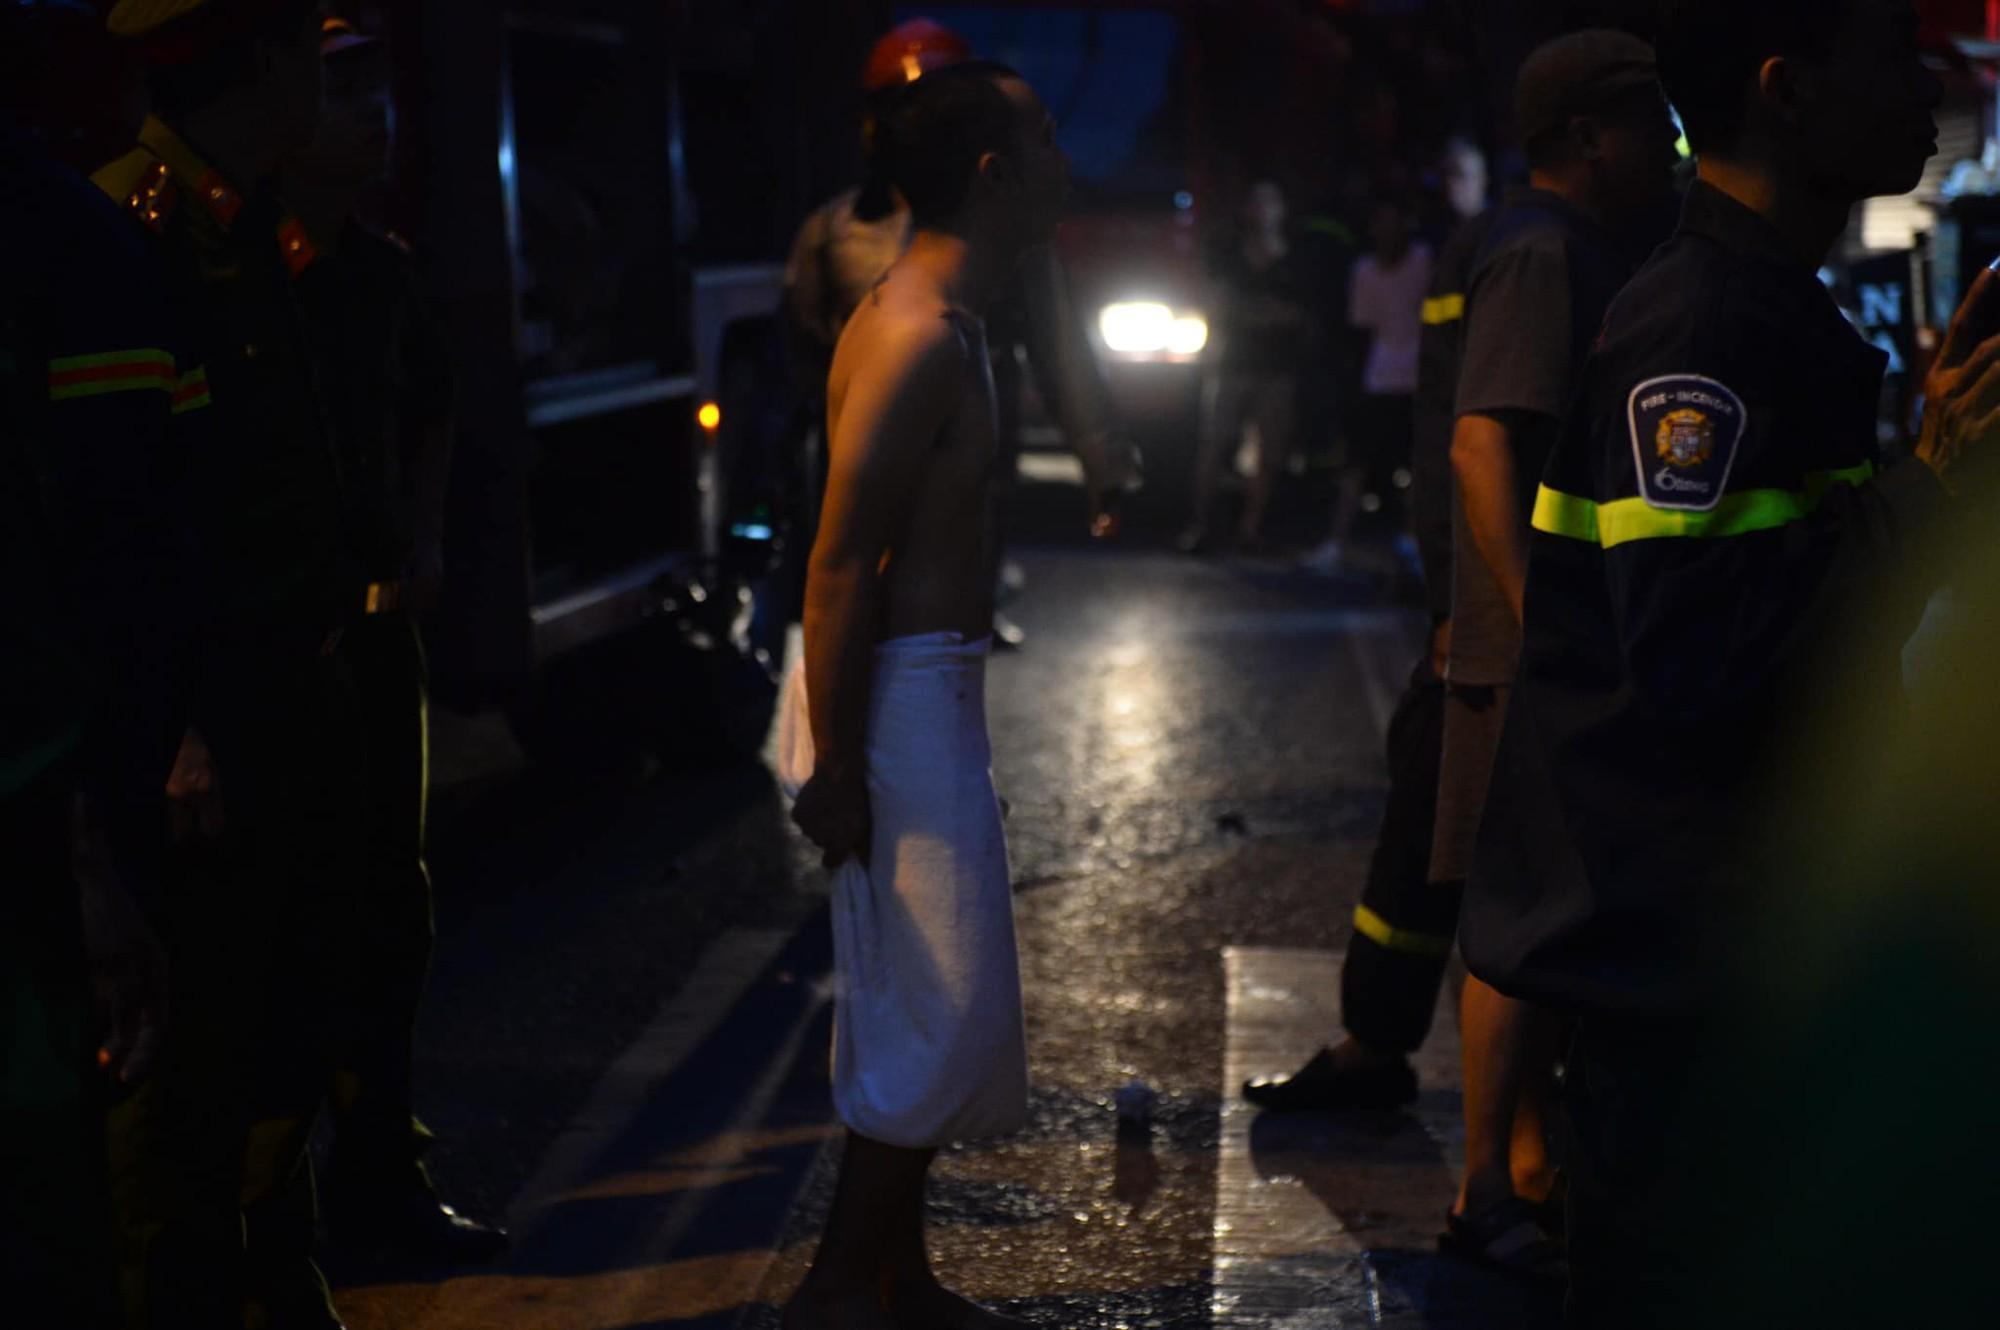 Cháy khách sạn trên phố cổ Hà Nội lúc sáng sớm, nhiều người chỉ kịp choàng khăn tắm hốt hoảng tháo chạy-5